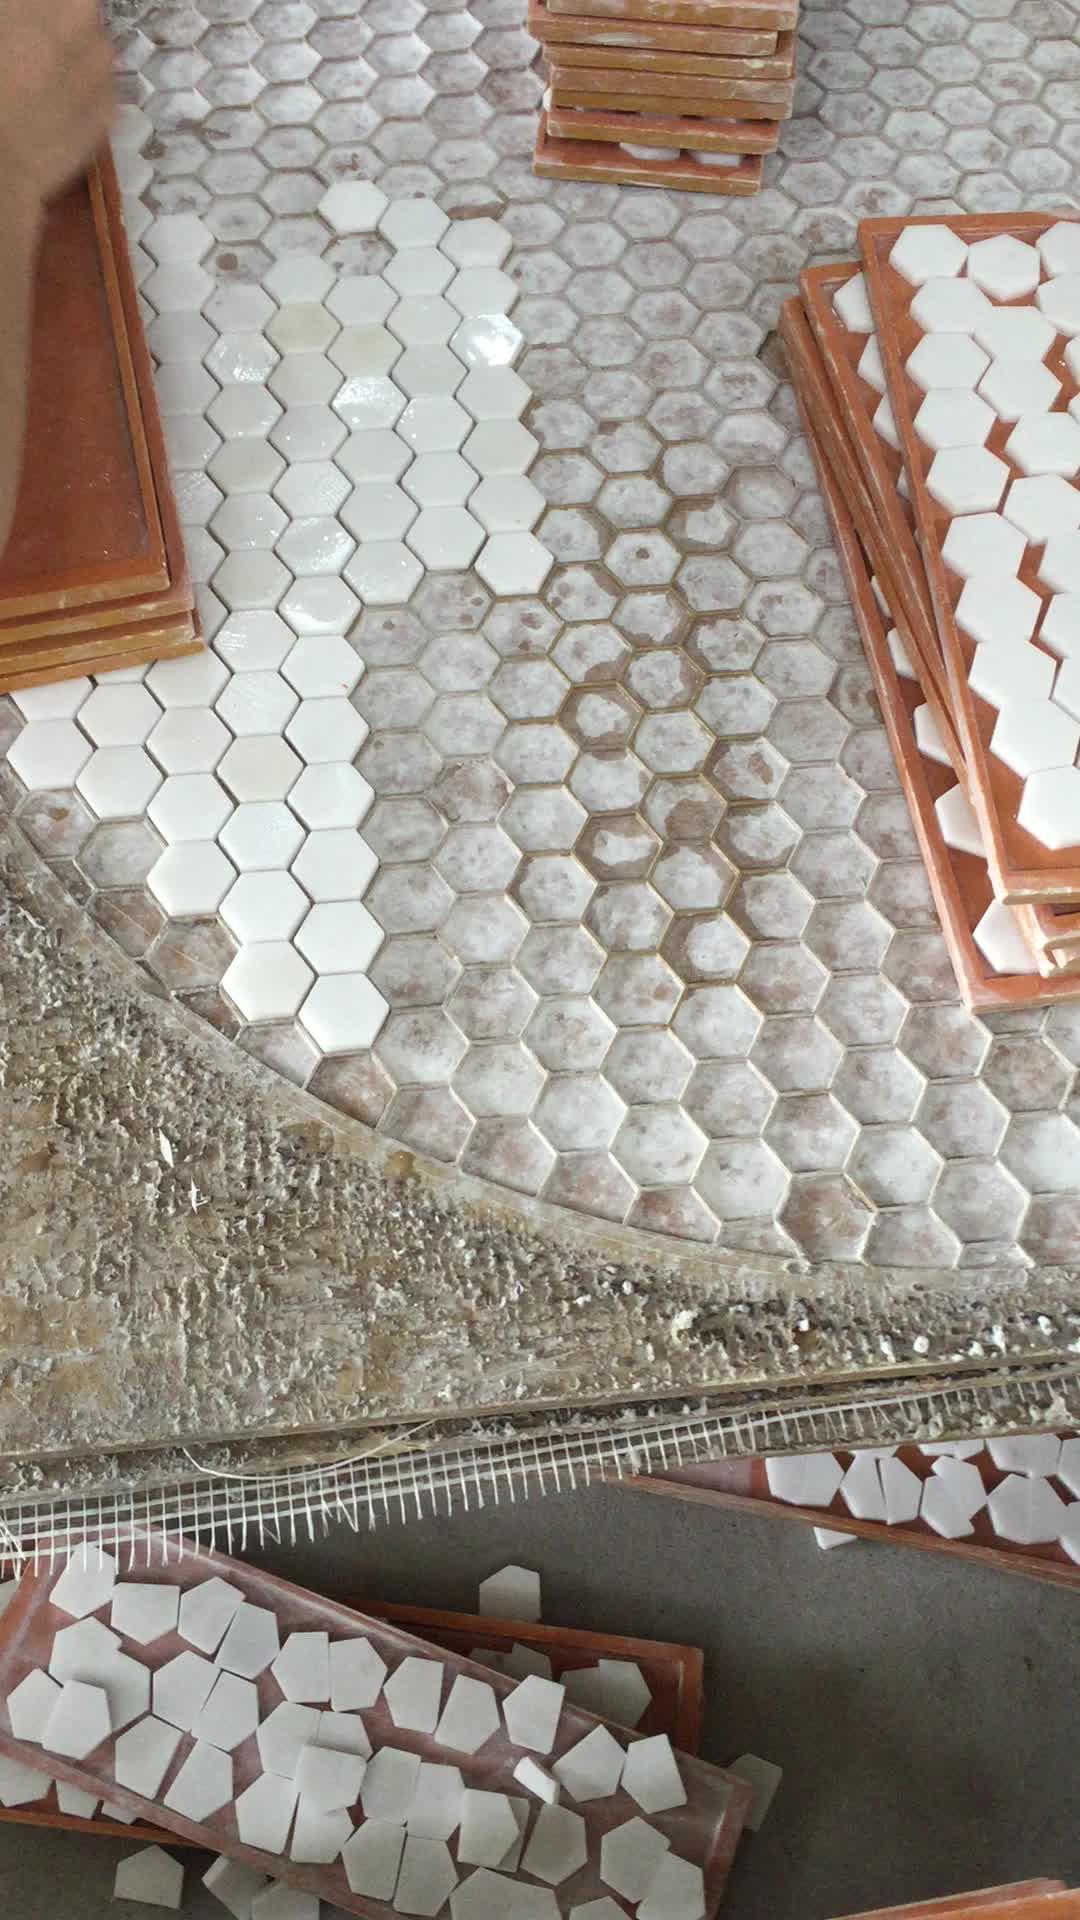 Runde Form Weiss Marmor Sechseck Geformte Mosaik Fliesen Tischplatte